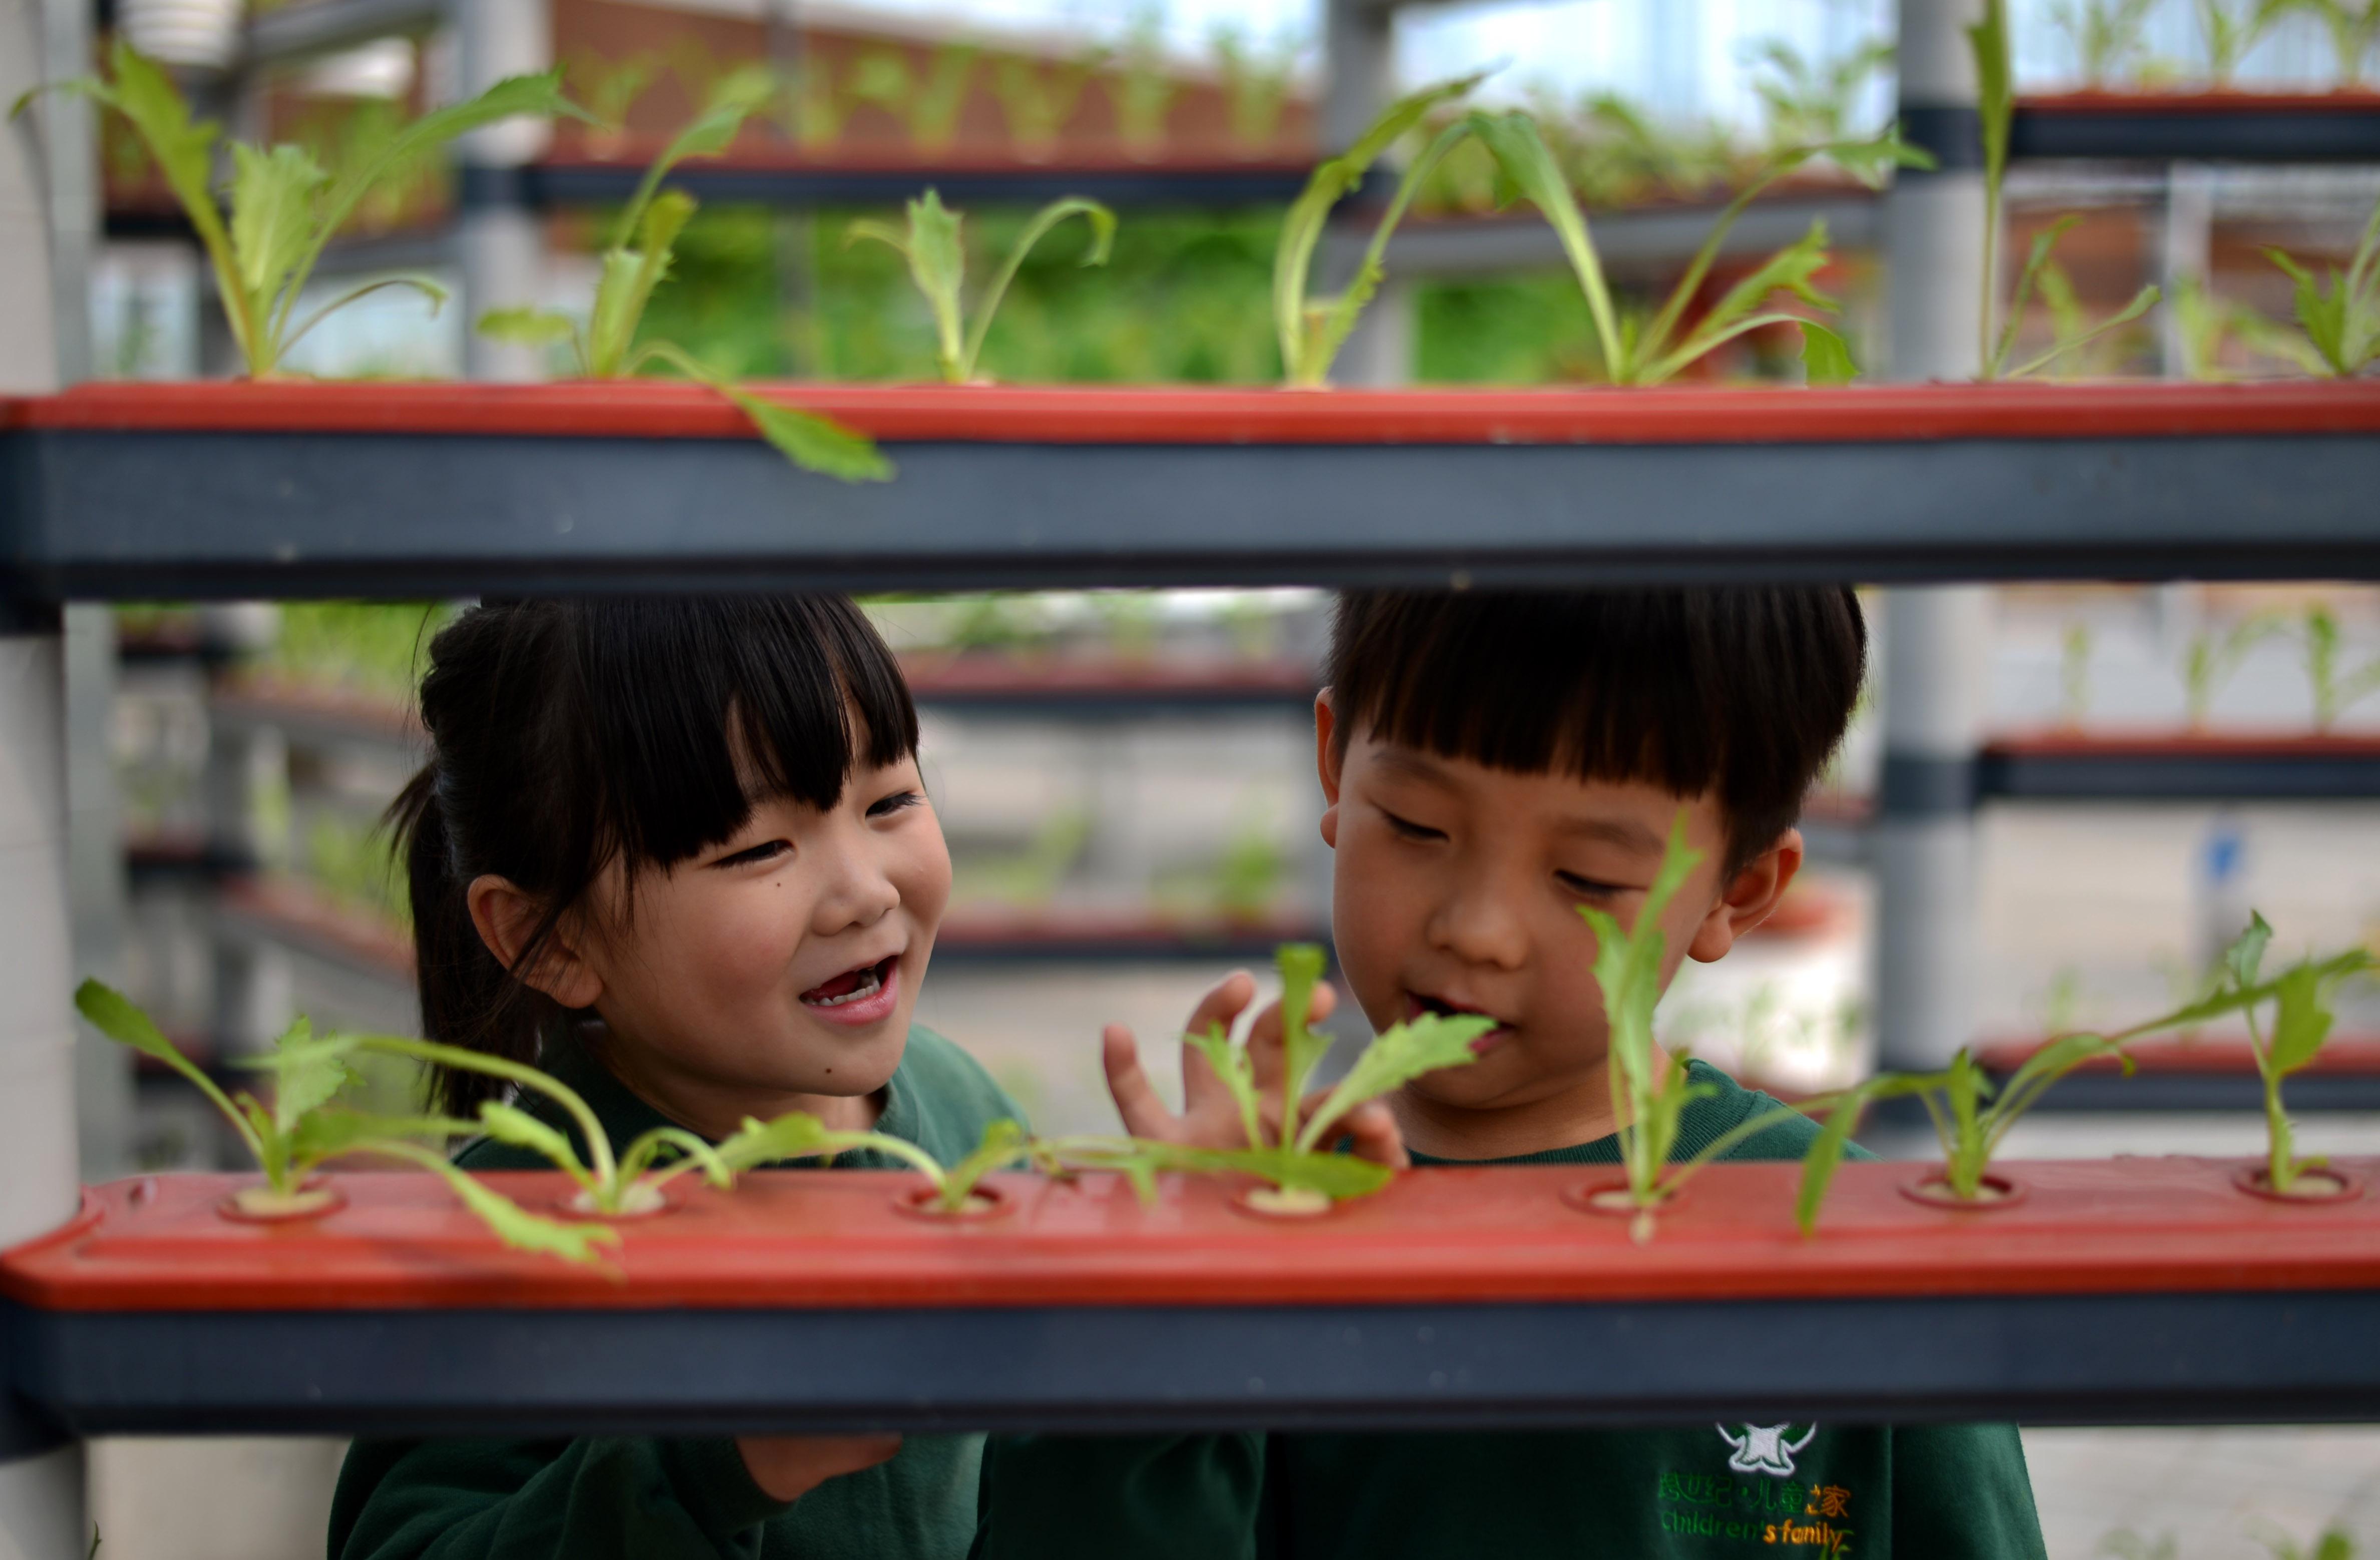 ↑10月19日,小朋友在观察苦苣的长势。CICPHOTO/霍红军 摄